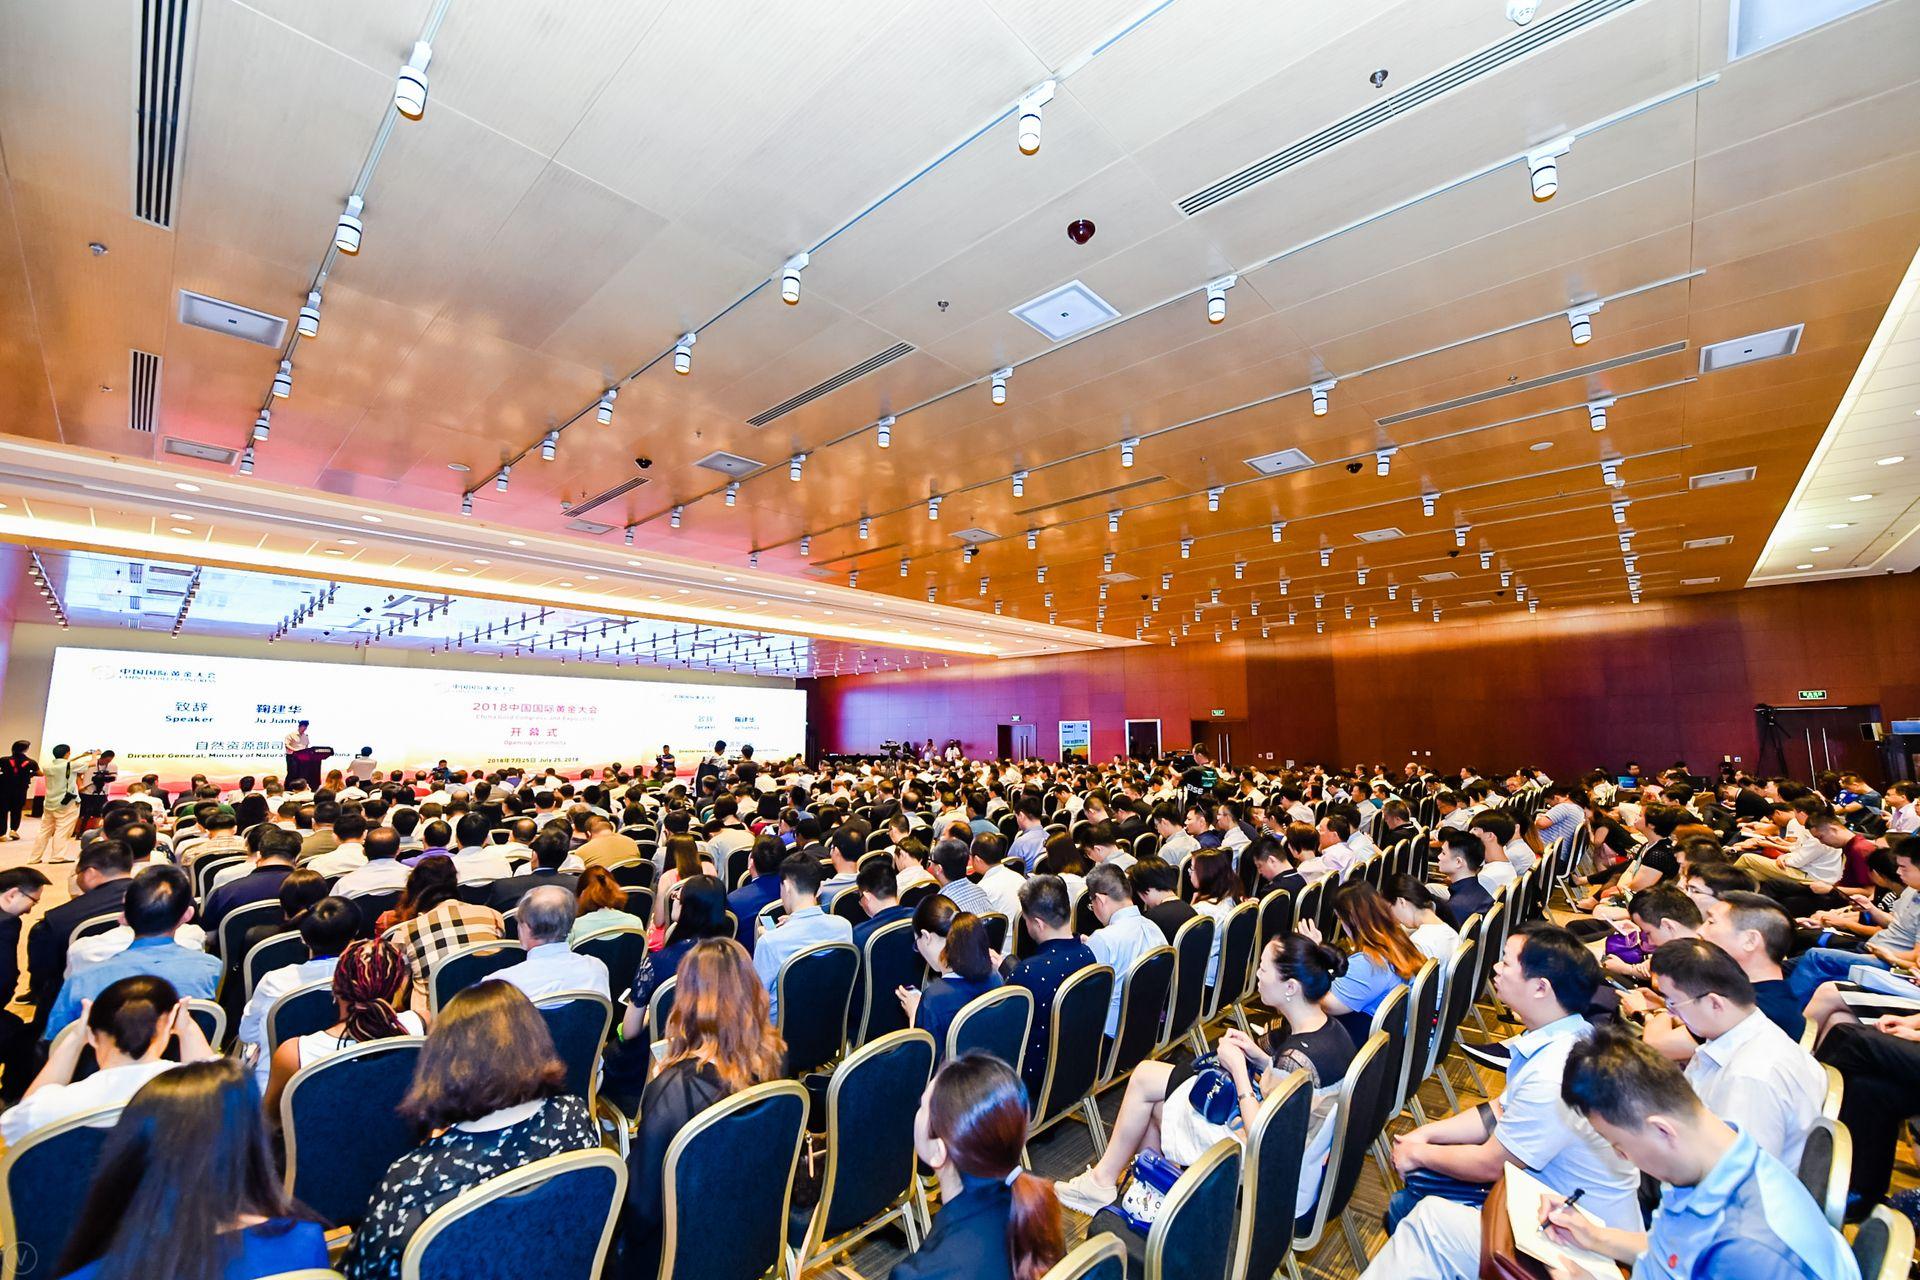 聚焦全球黄金业健康发展 2018(第三届)太阳神娱乐国际黄金大会在京召开